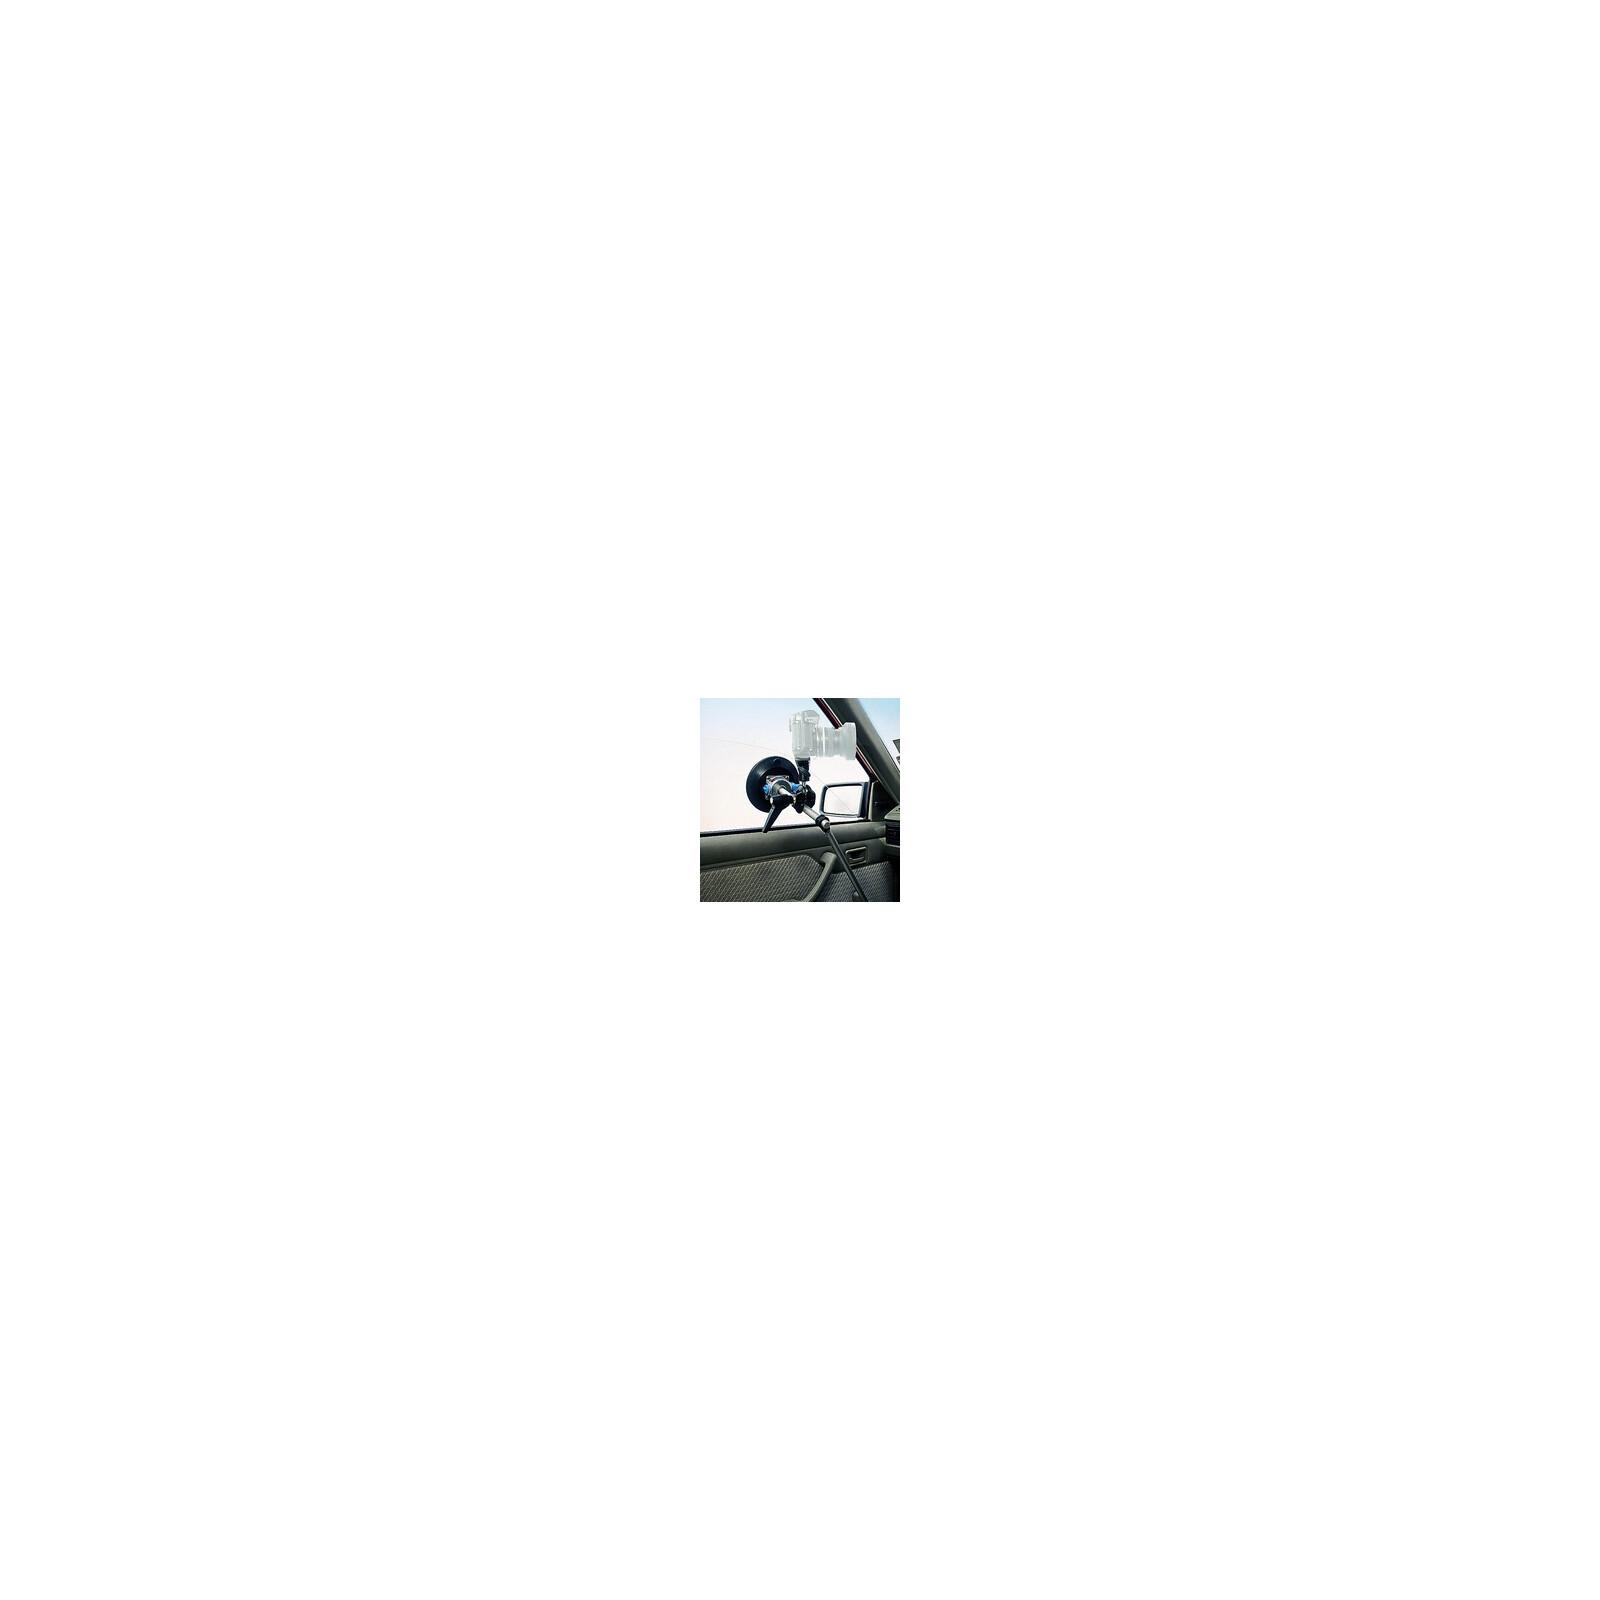 Manfrotto 241V Saugnapf mit Kugelkopf/Stütze